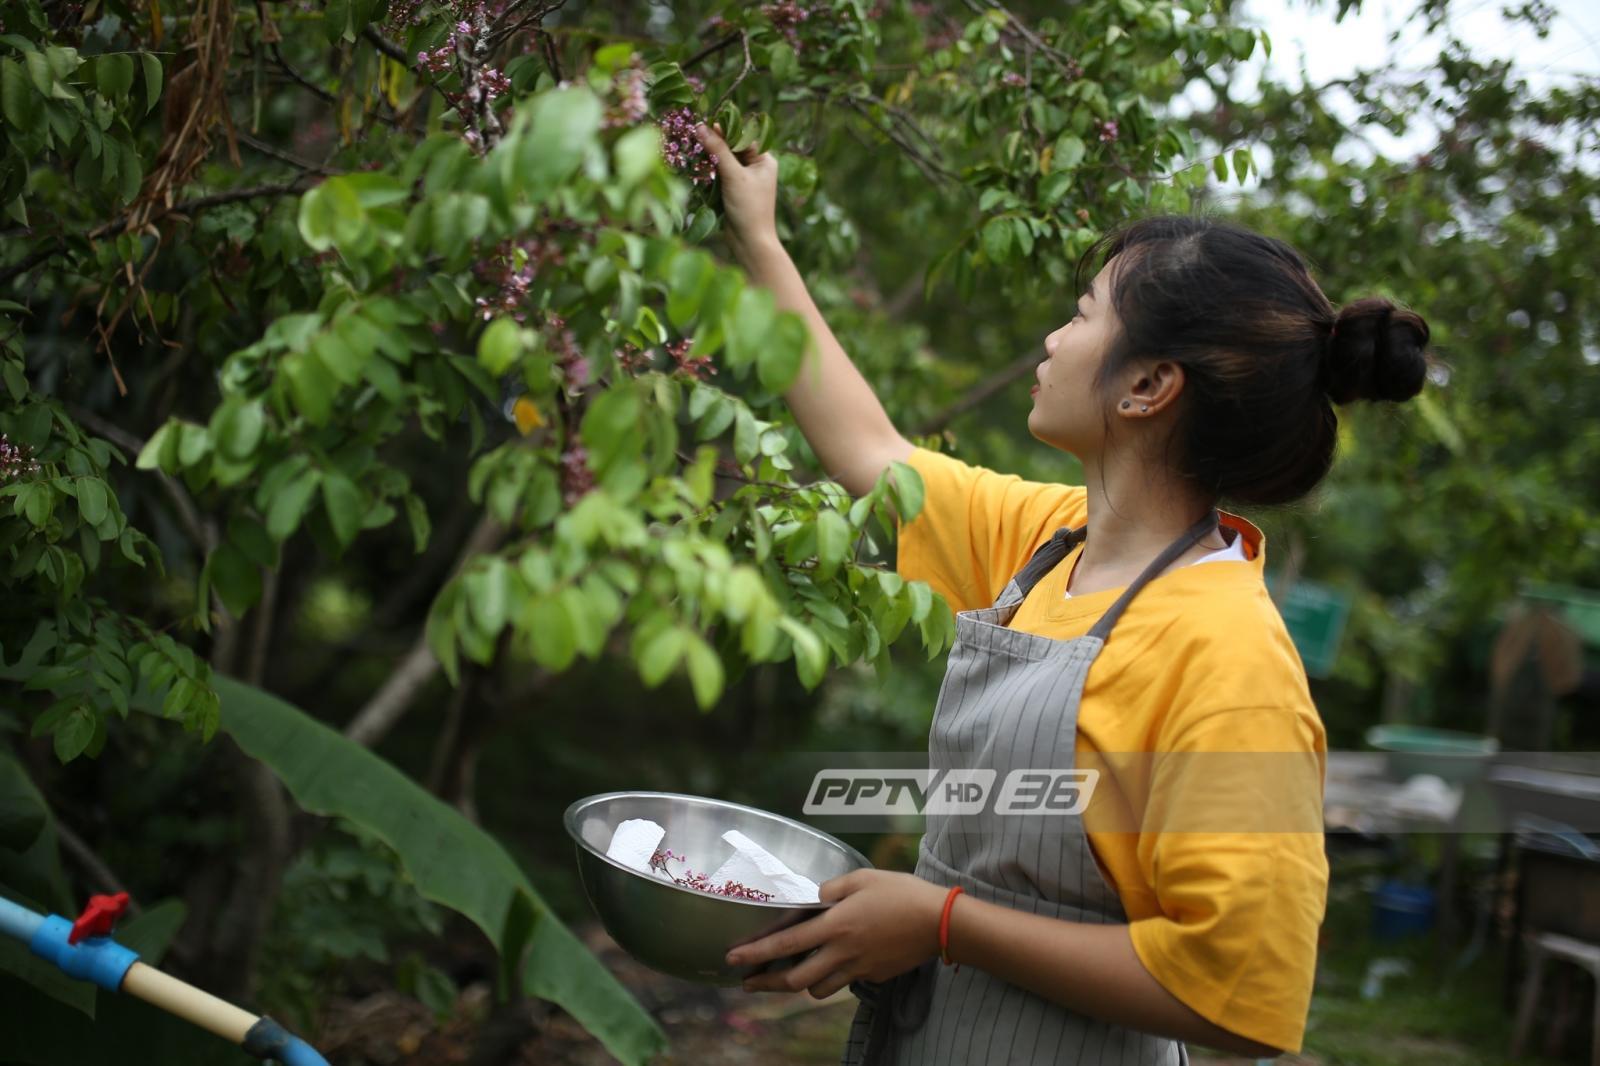 """สูตรสำรับอาหารจากวัตถุดิบท้องถิ่นบน """"ภูหลวง"""" ด้วยฝีมือระดับเชฟโจ้สร้างมูลค่าพืชผลเพื่อชาวบ้าน"""